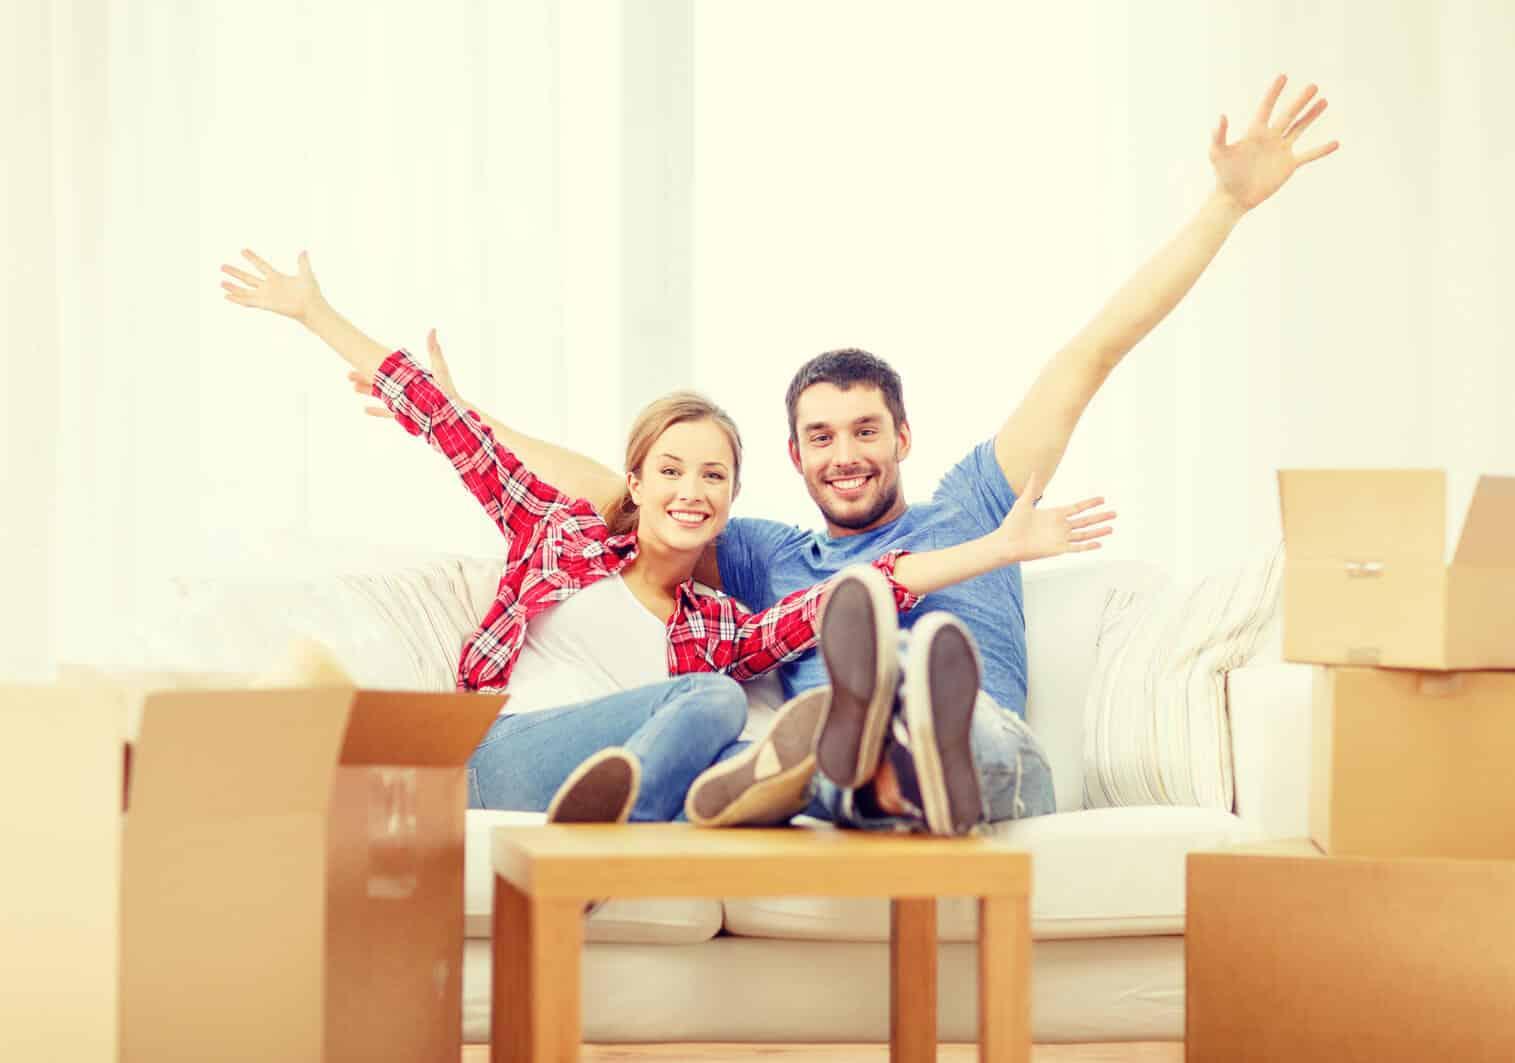 Comment obtenir le meilleur taux immobilier pour votre maison ?